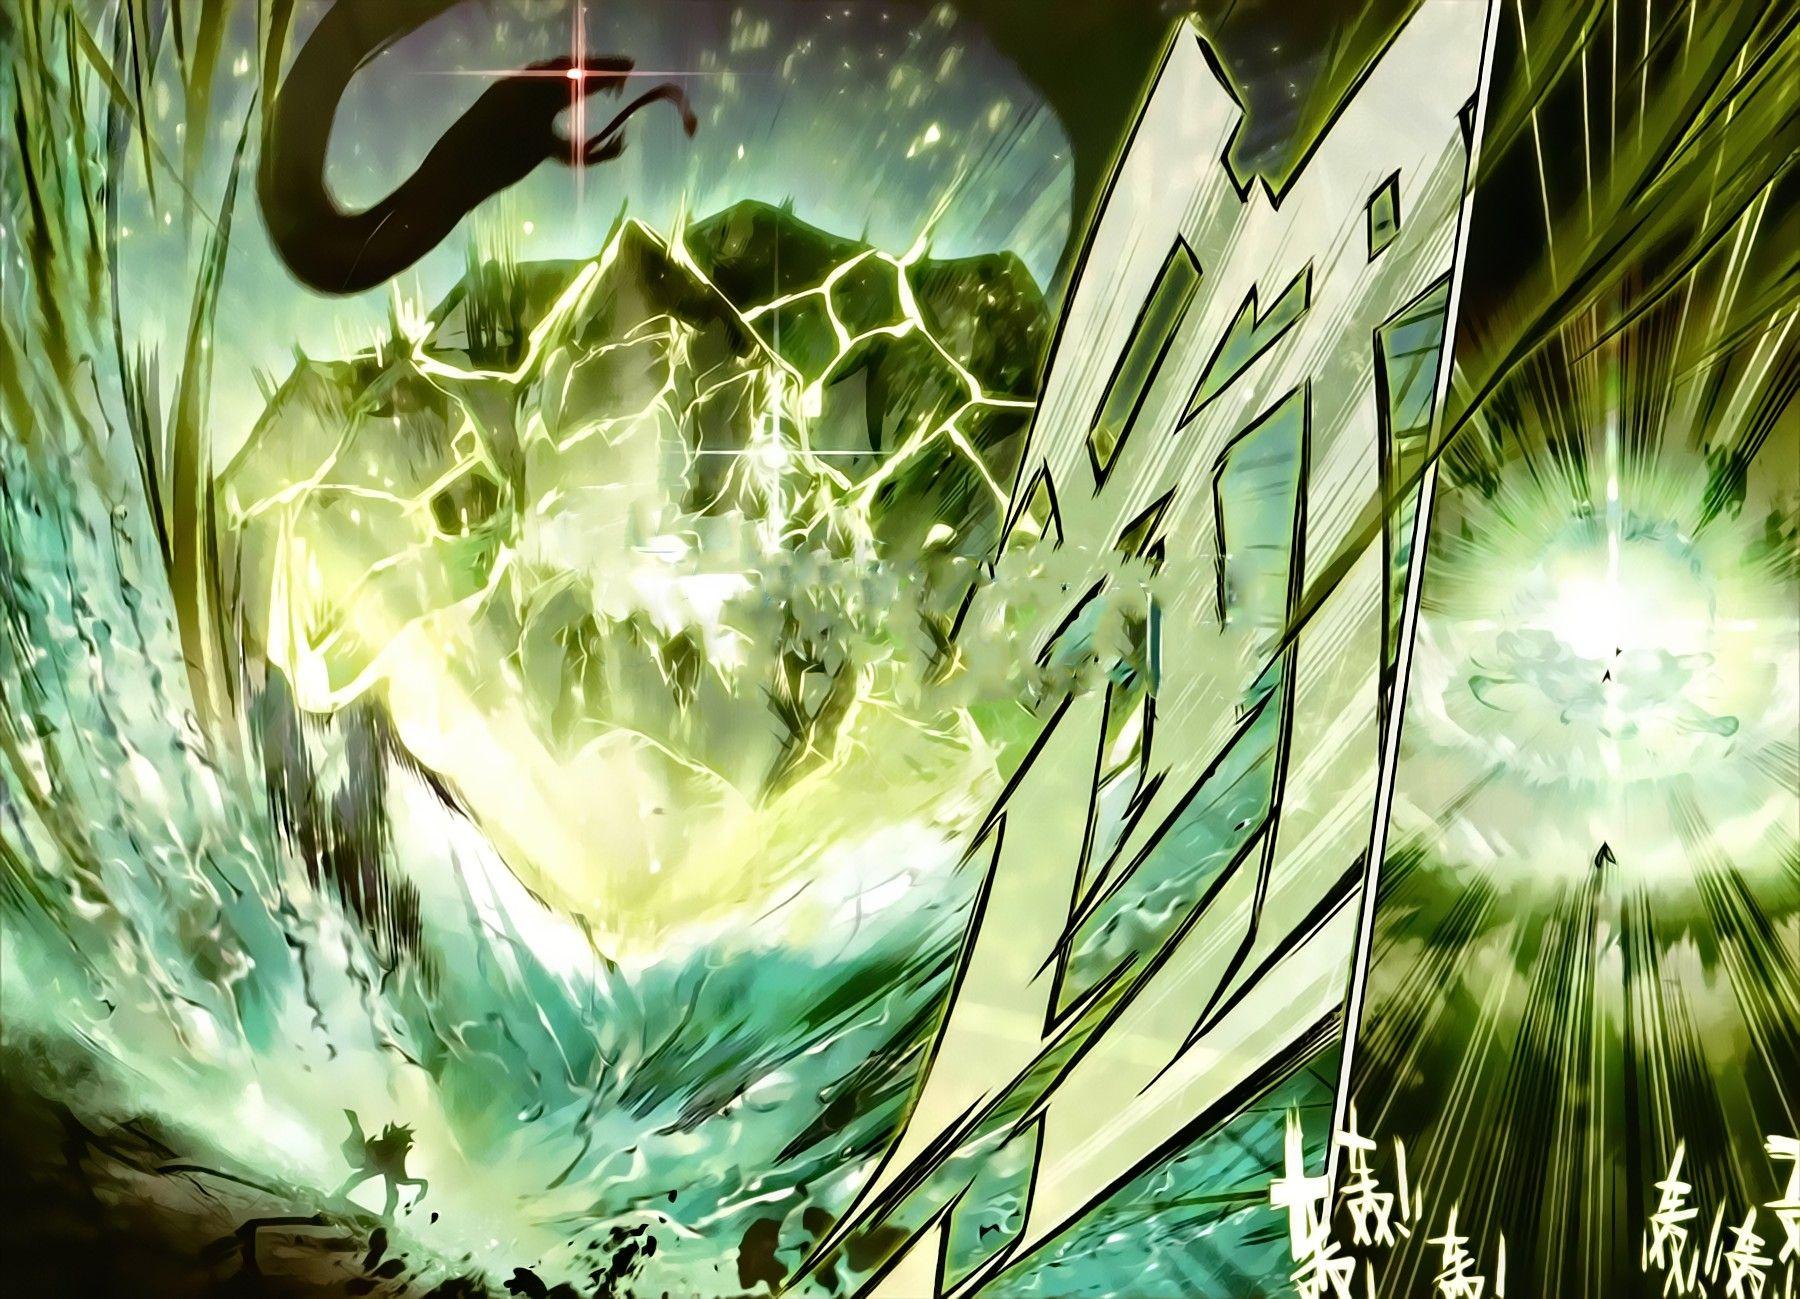 http://c5.ninemanga.com/es_manga/33/16417/463626/cf1cf43cba274ae7f413e864682b80f8.jpg Page 10